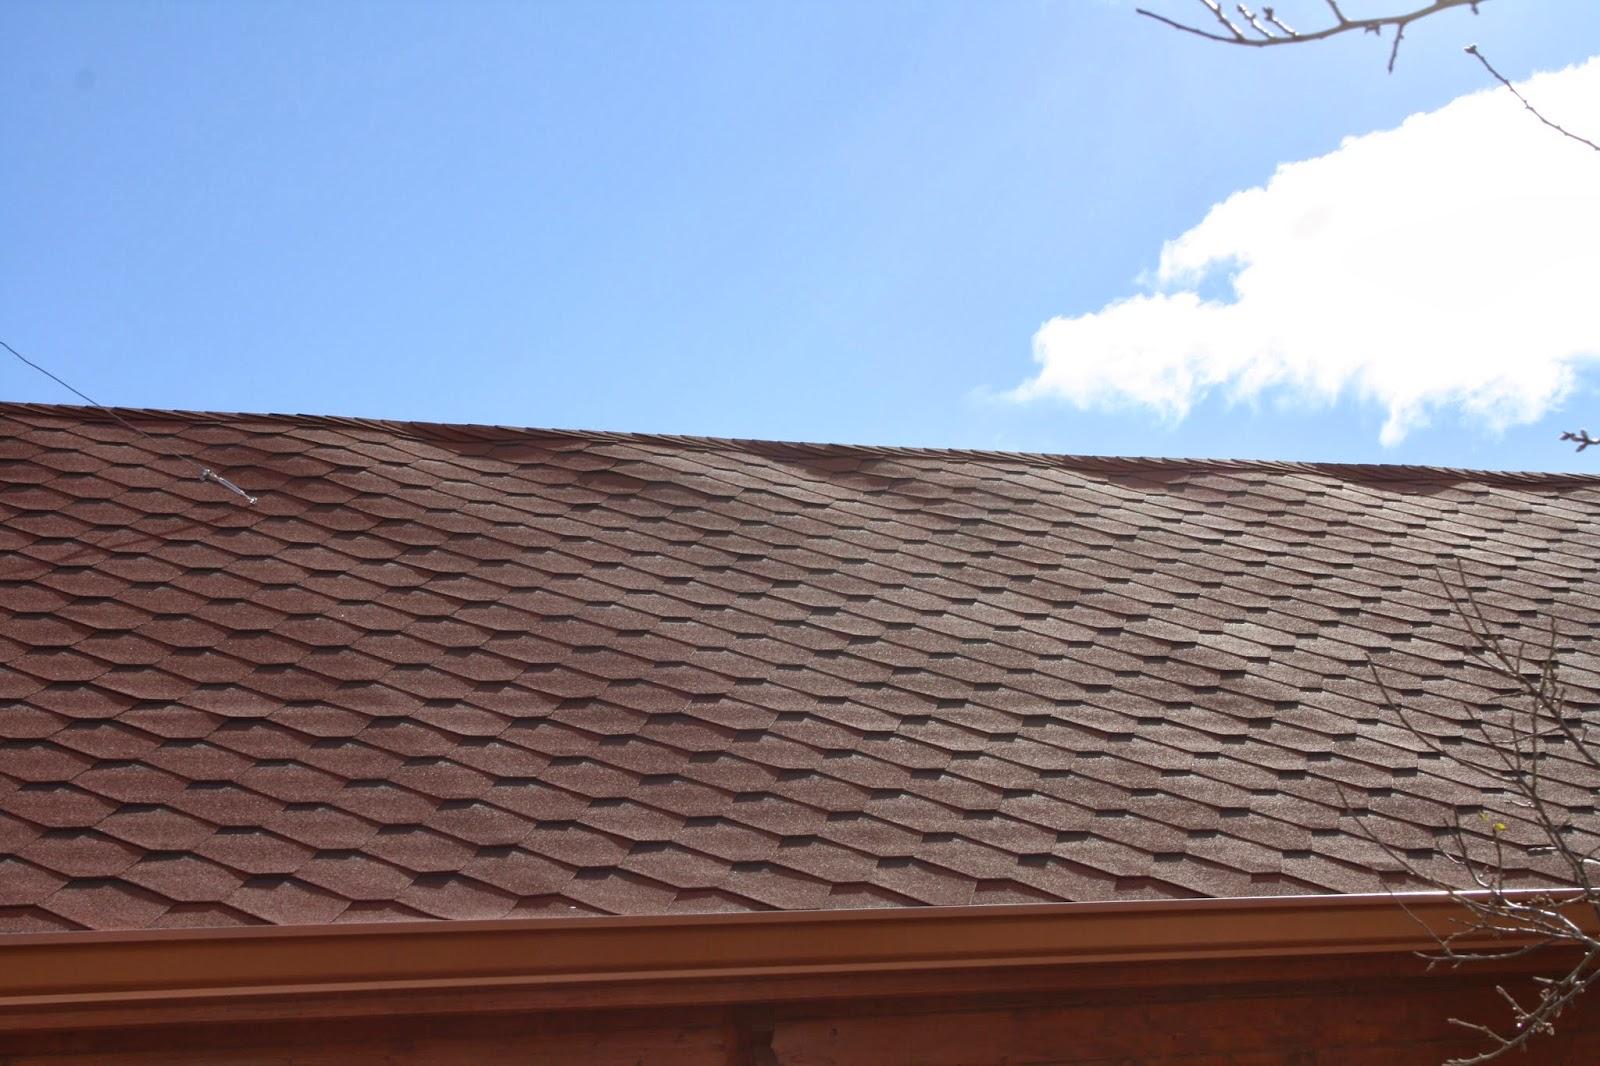 Chapa trapezoidal y prelacada para cubiertas 644 34 87 47 for Cubiertas para techos de casas